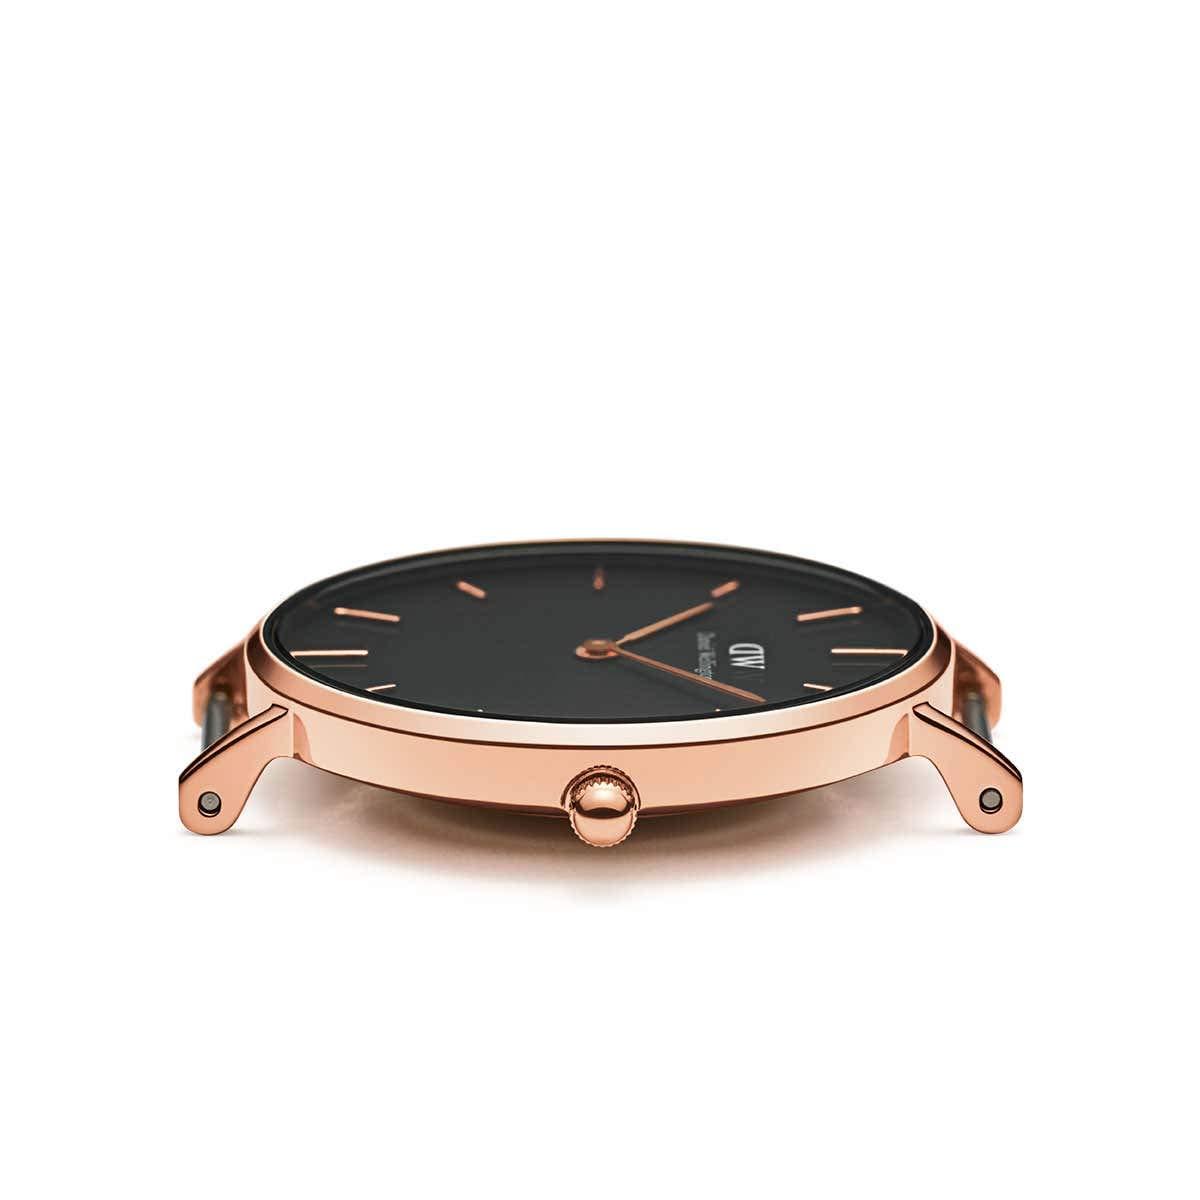 Daniel Wellington Classic Bayswater, nattblå/roséguld klocka, 36 mm, NATO, för kvinnor och män Roséguld/svart